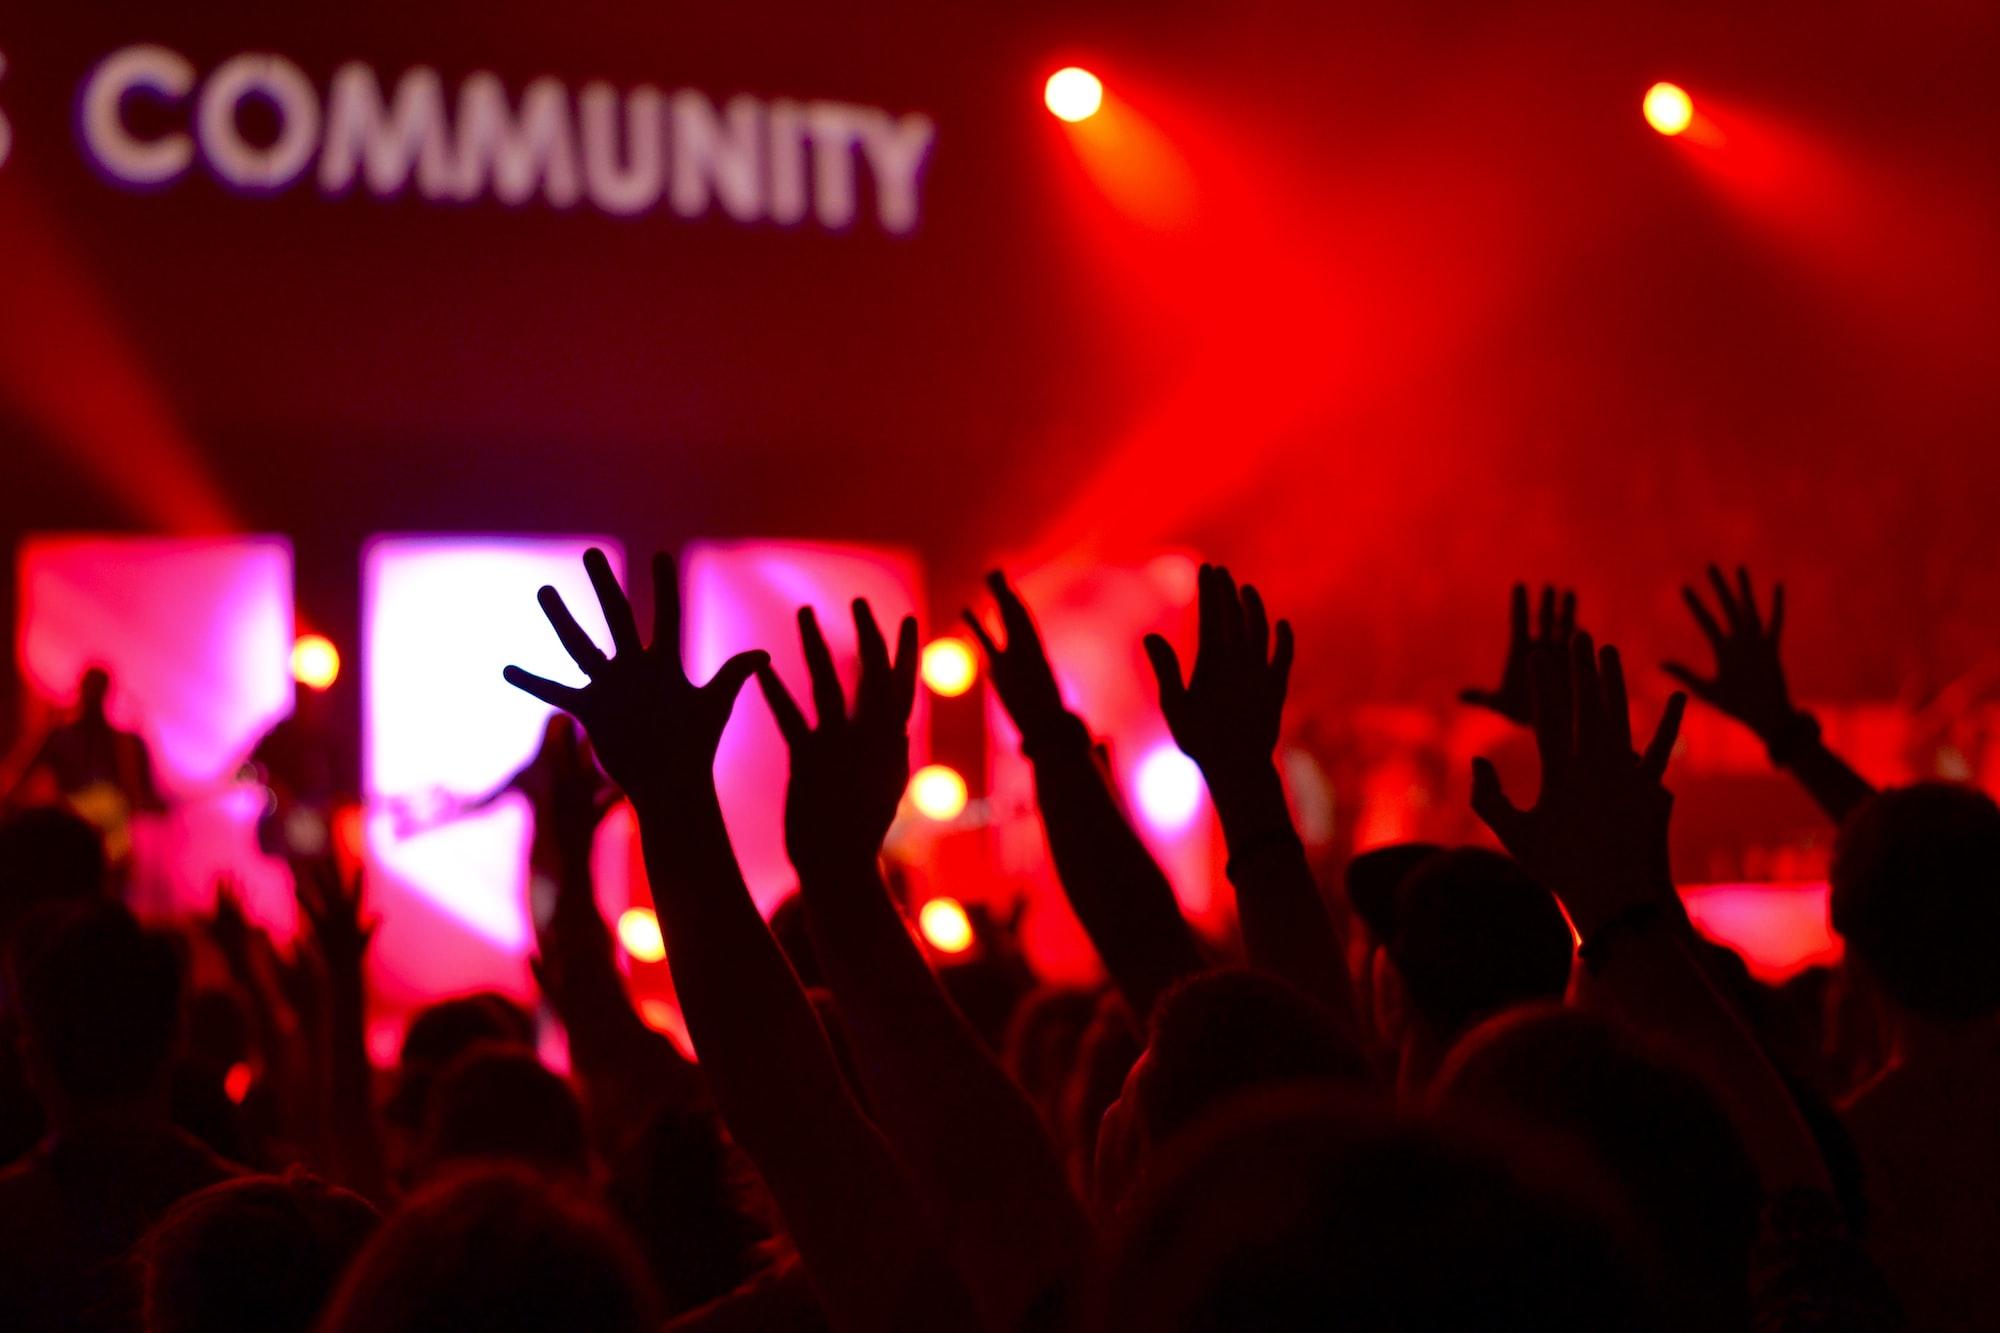 Community Spotlight #1